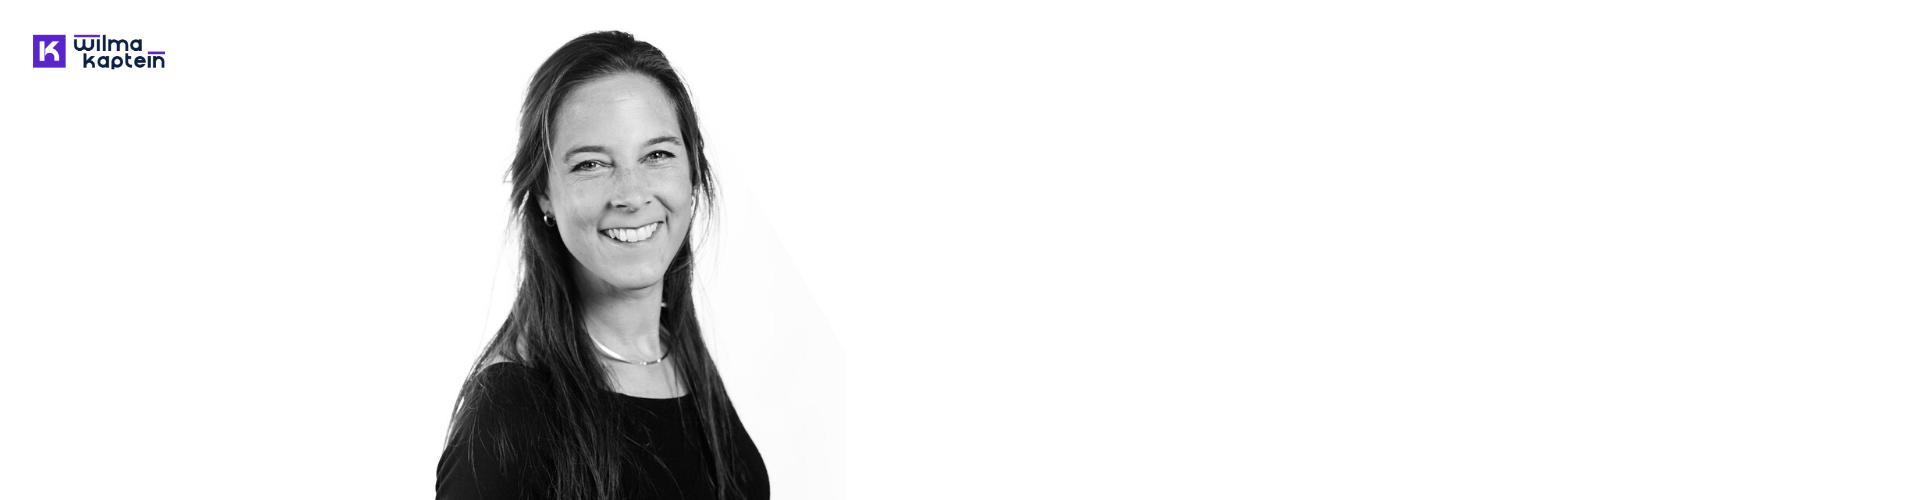 Wilma Kaptein biedt groeimarketing aan duurzame bedrijven